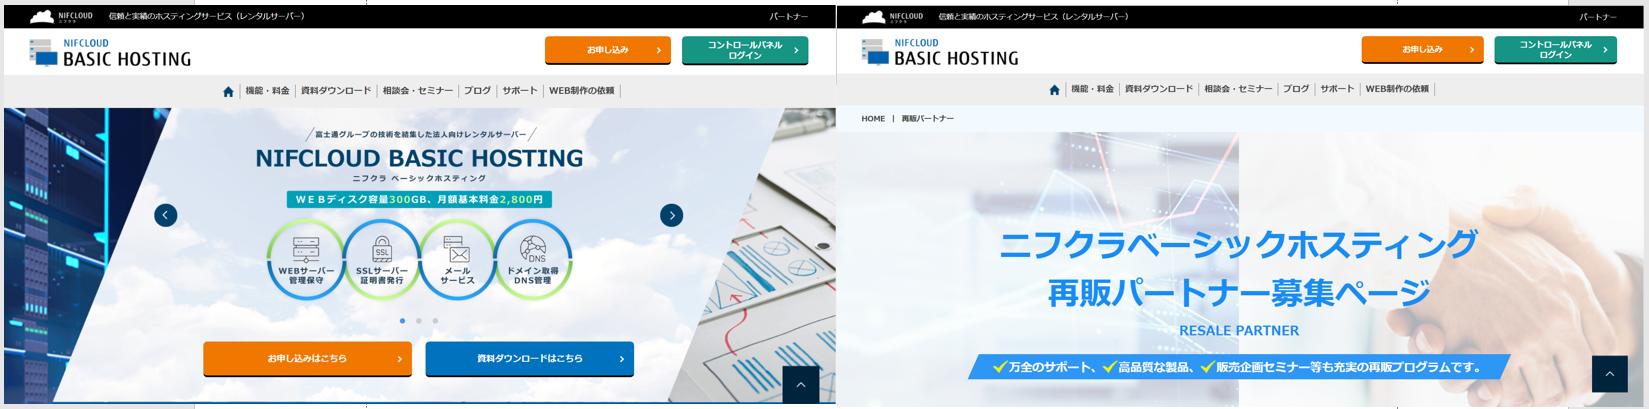 サービスサイトイメージ